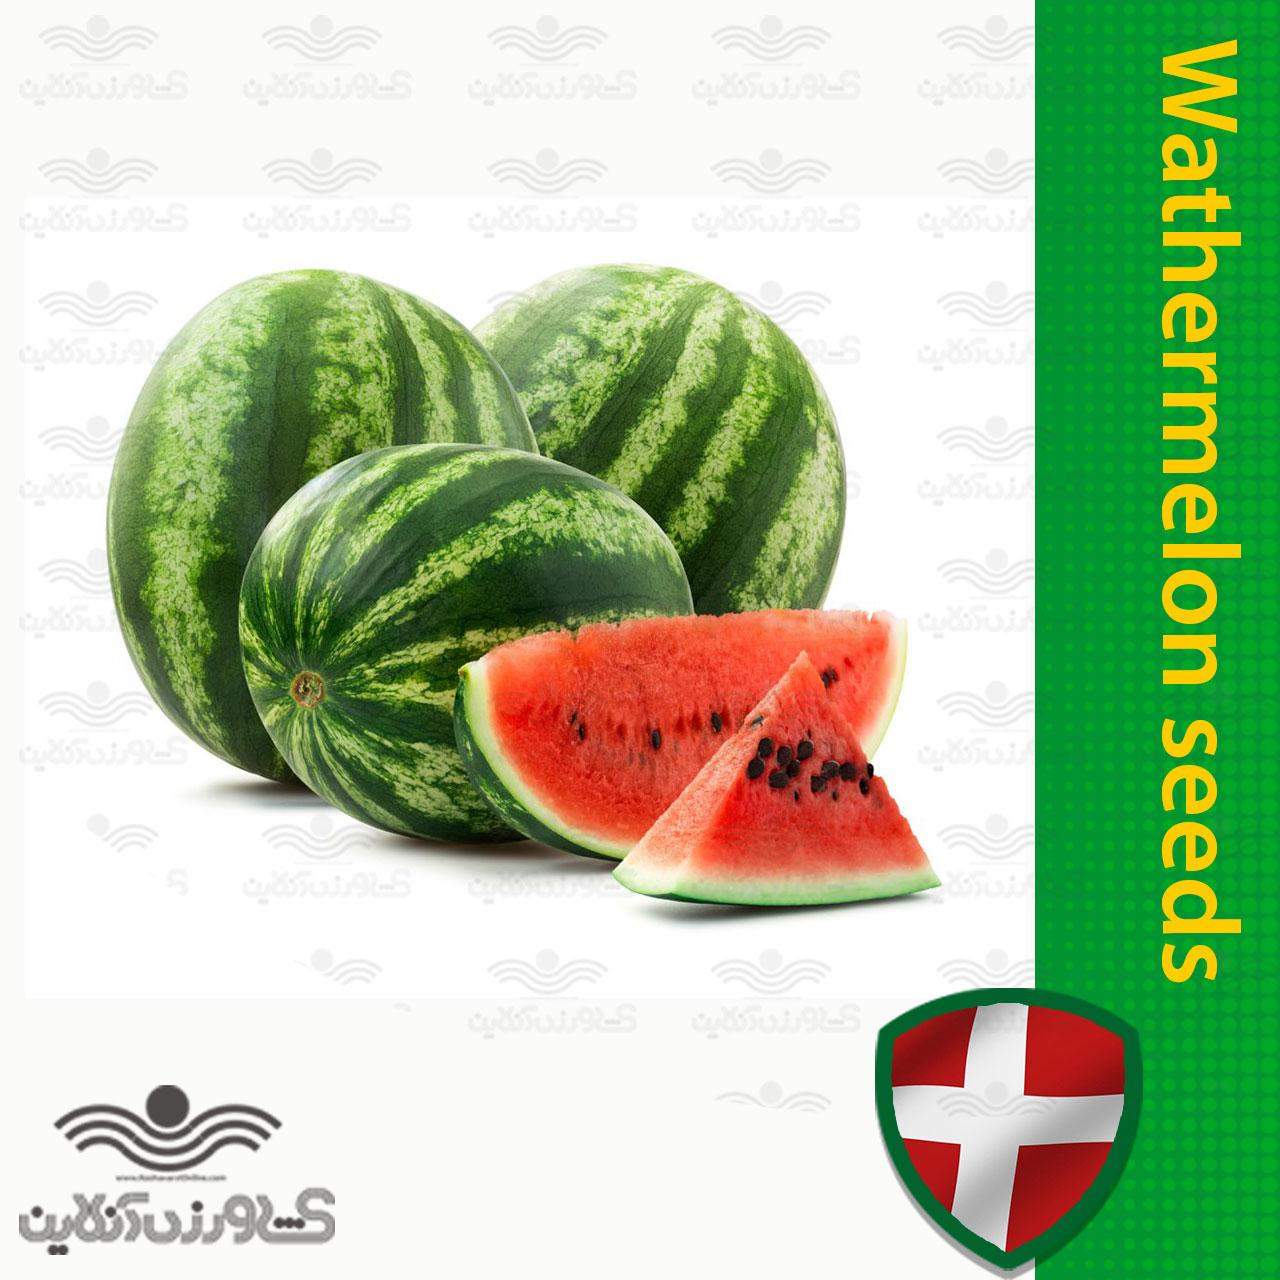 بذر هندوانه خط دار خارجی خانگی